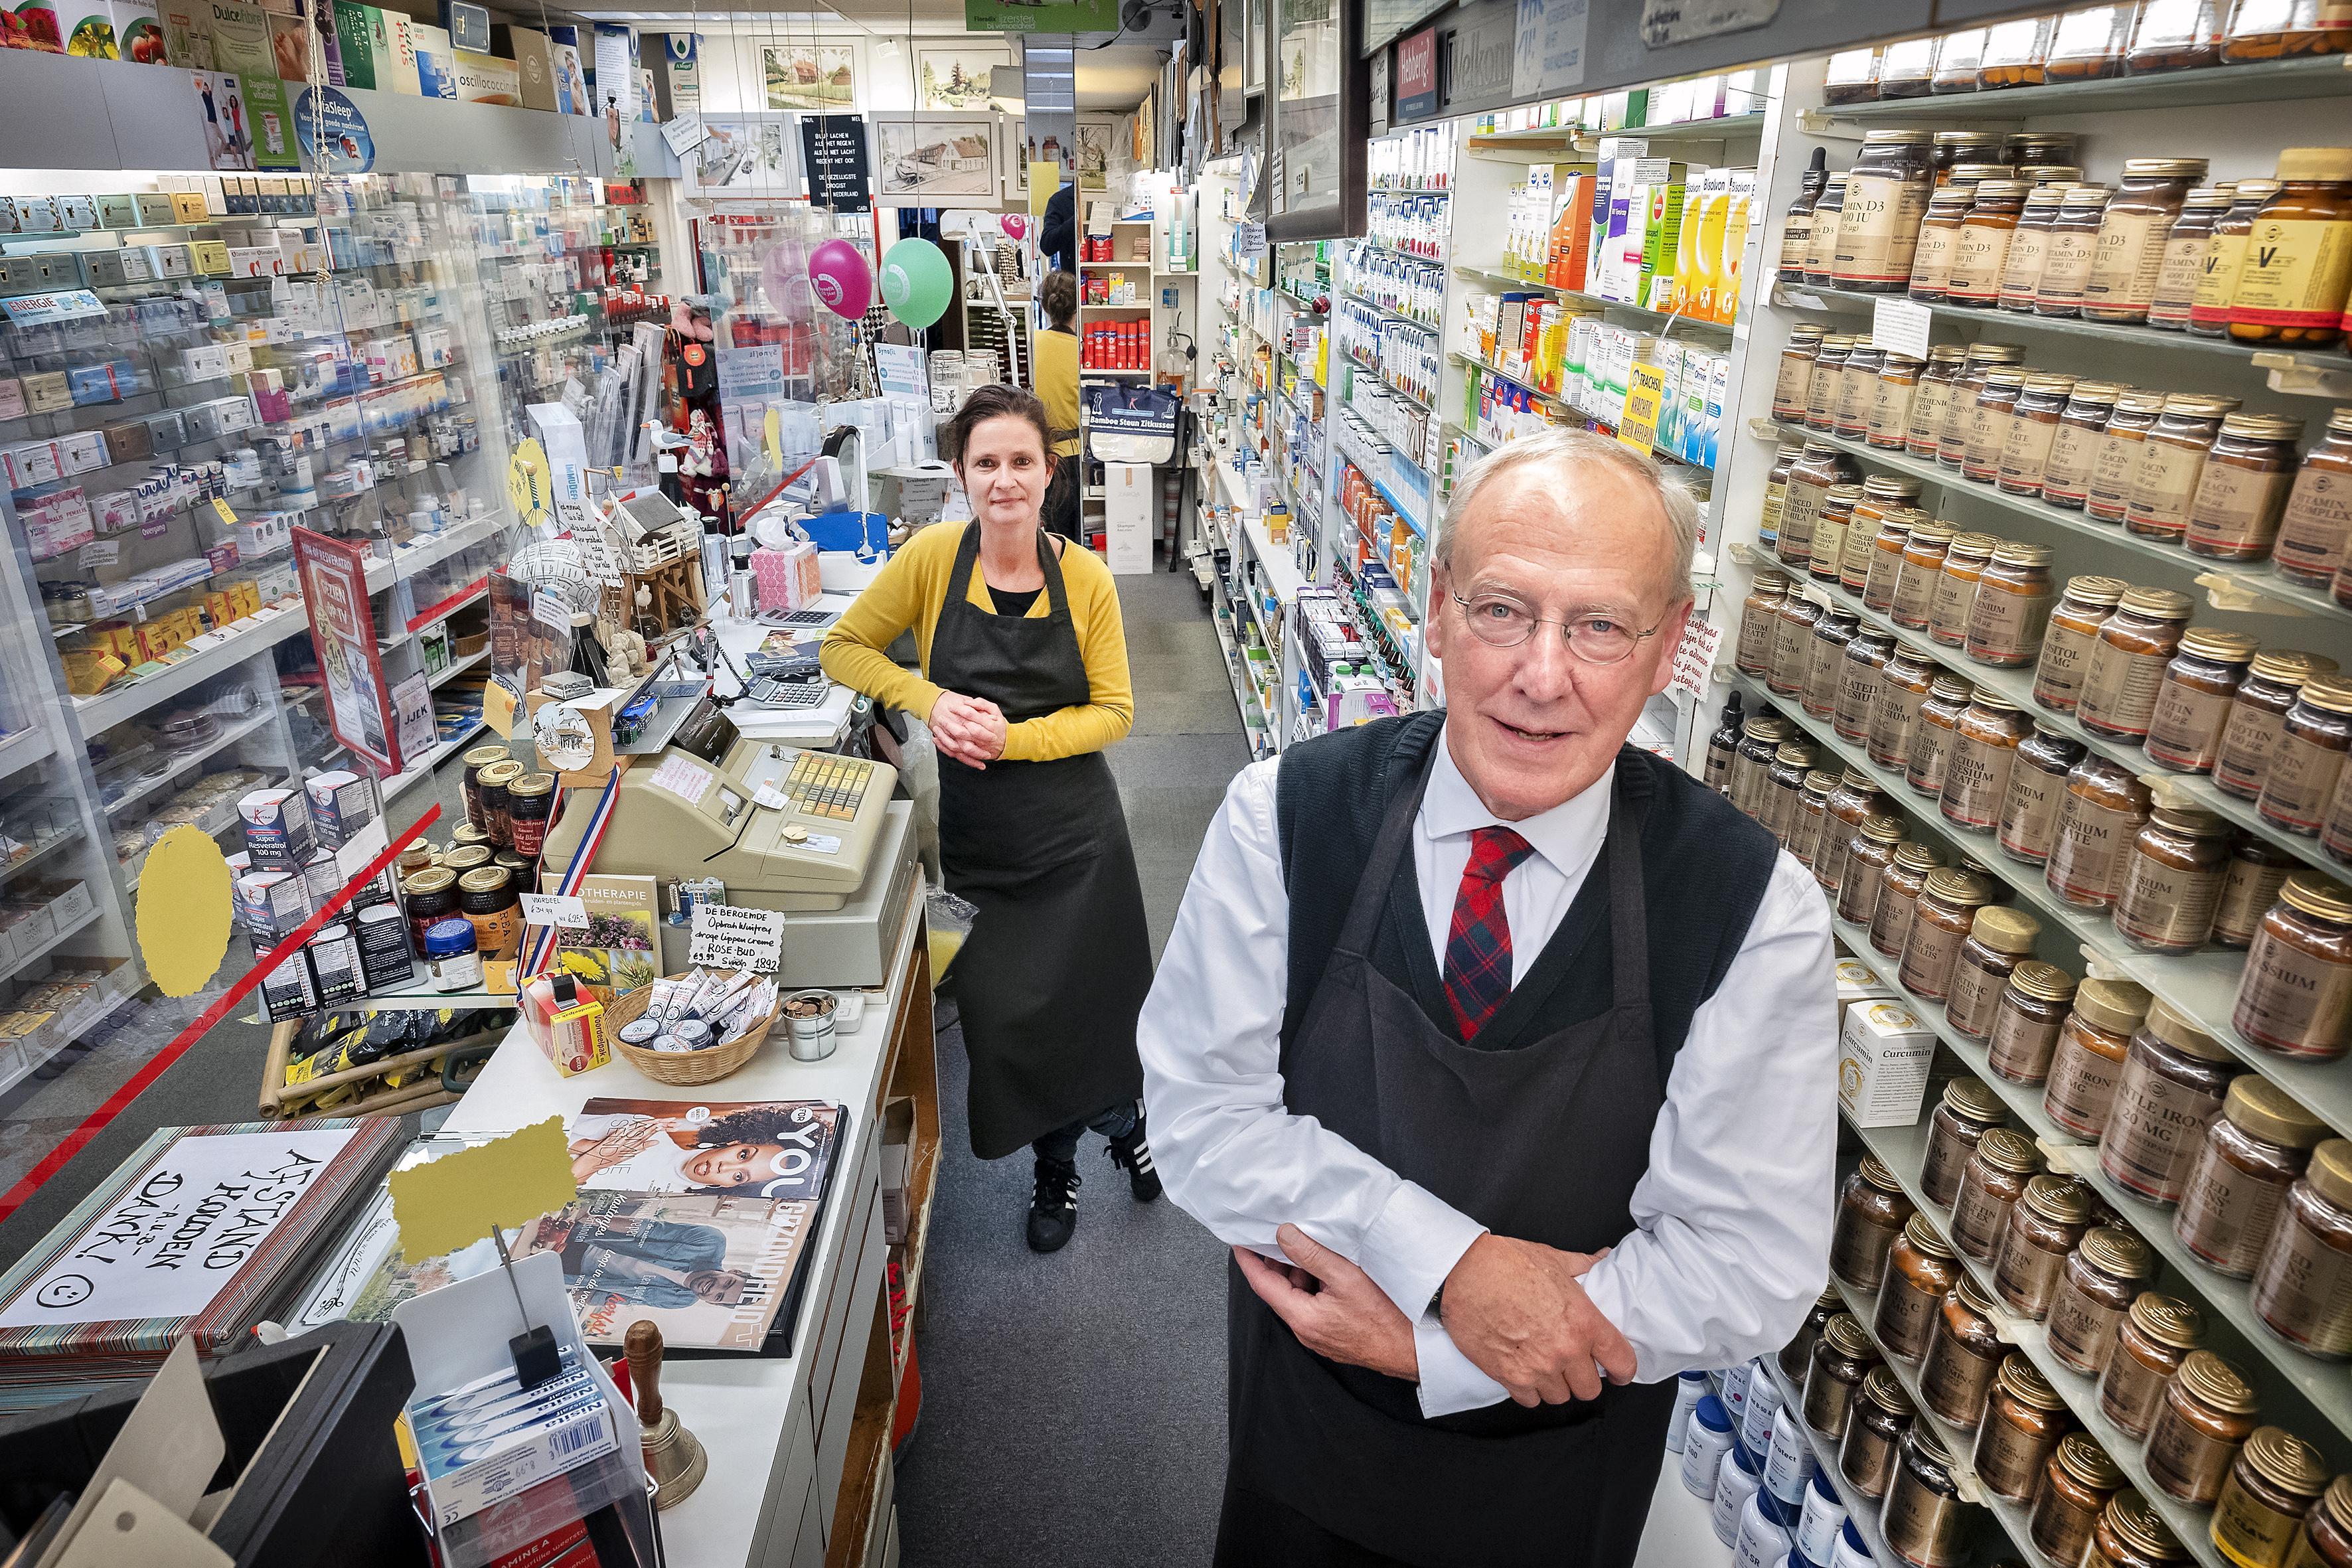 Paul Letschert maakt zich zorgen over het voortbestaan van zijn drogisterij in Hillegom: 'In de winkel ben ik gelukkig, de klanten zijn mijn goud'